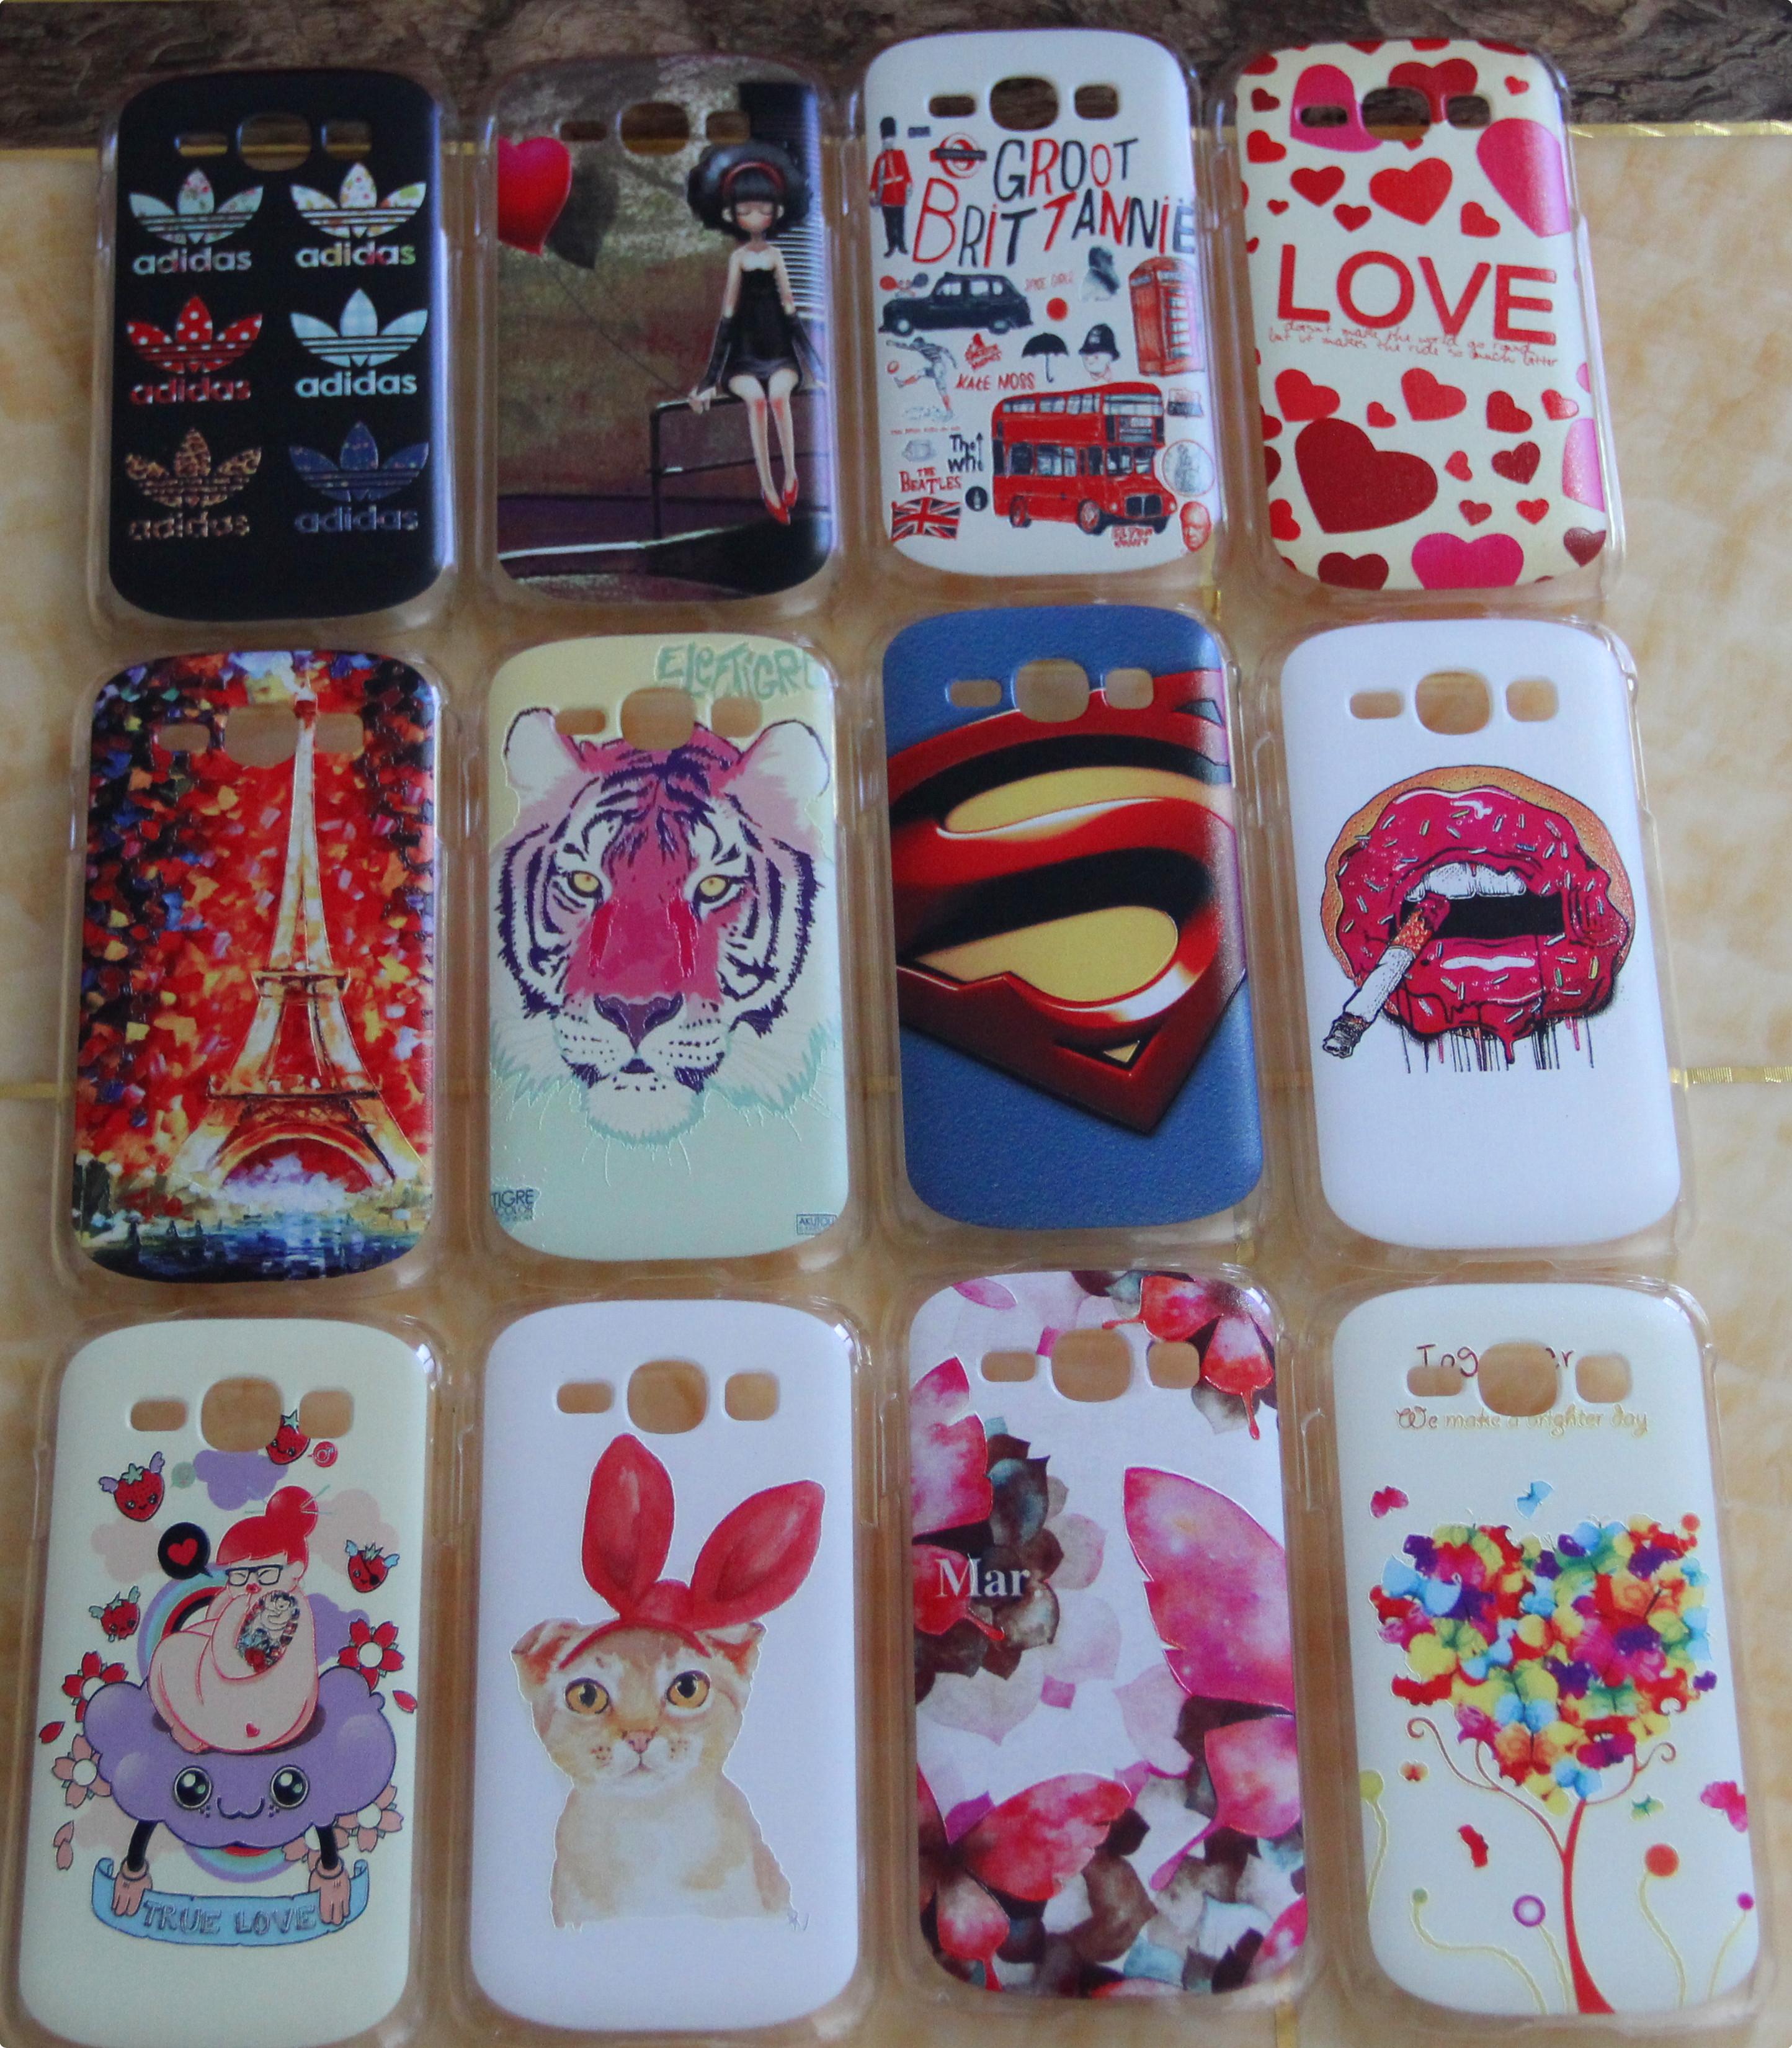 Чехлы, Накладки для телефонов, КПК 123 I829 Роскошный стиль